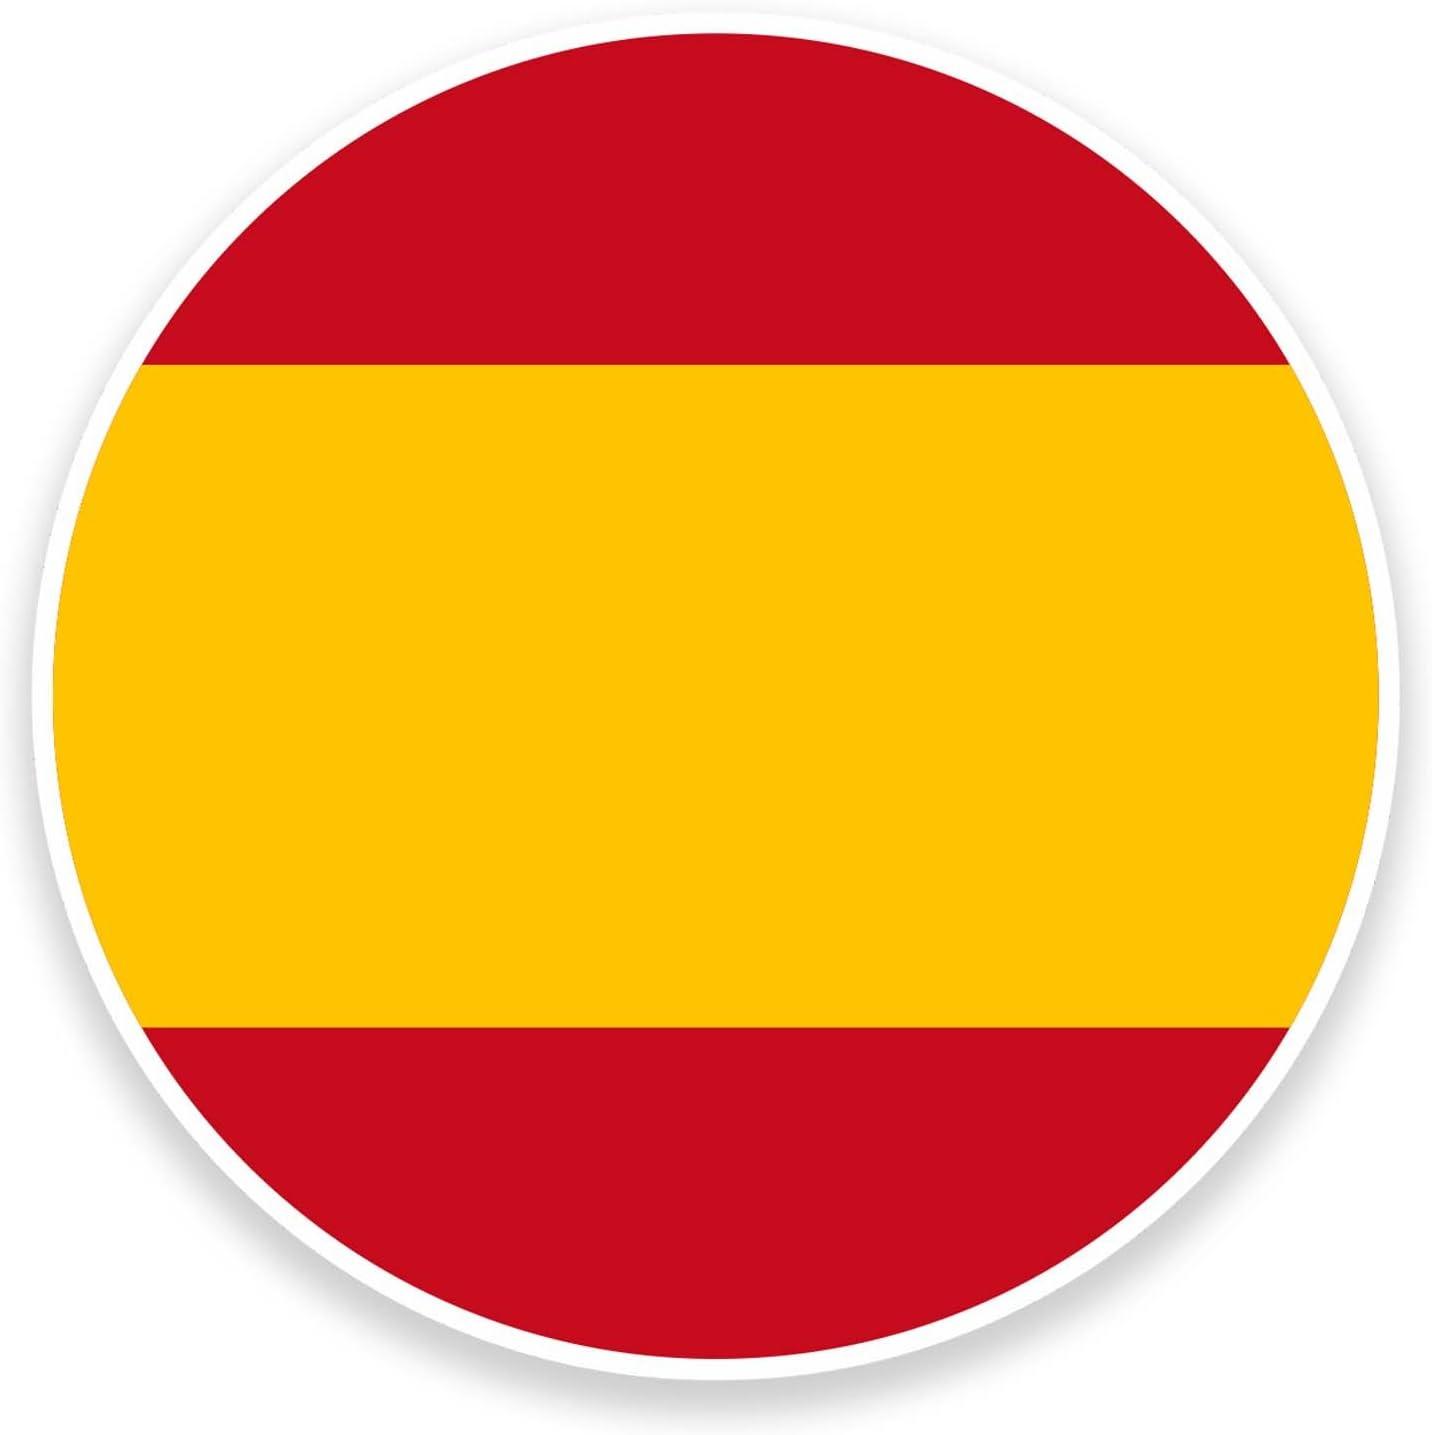 2 x 10 cm Bandera España Pegatina Vinilo para Portátil Coche Bicicleta de Viaje Etiqueta España #9101: Amazon.es: Coche y moto